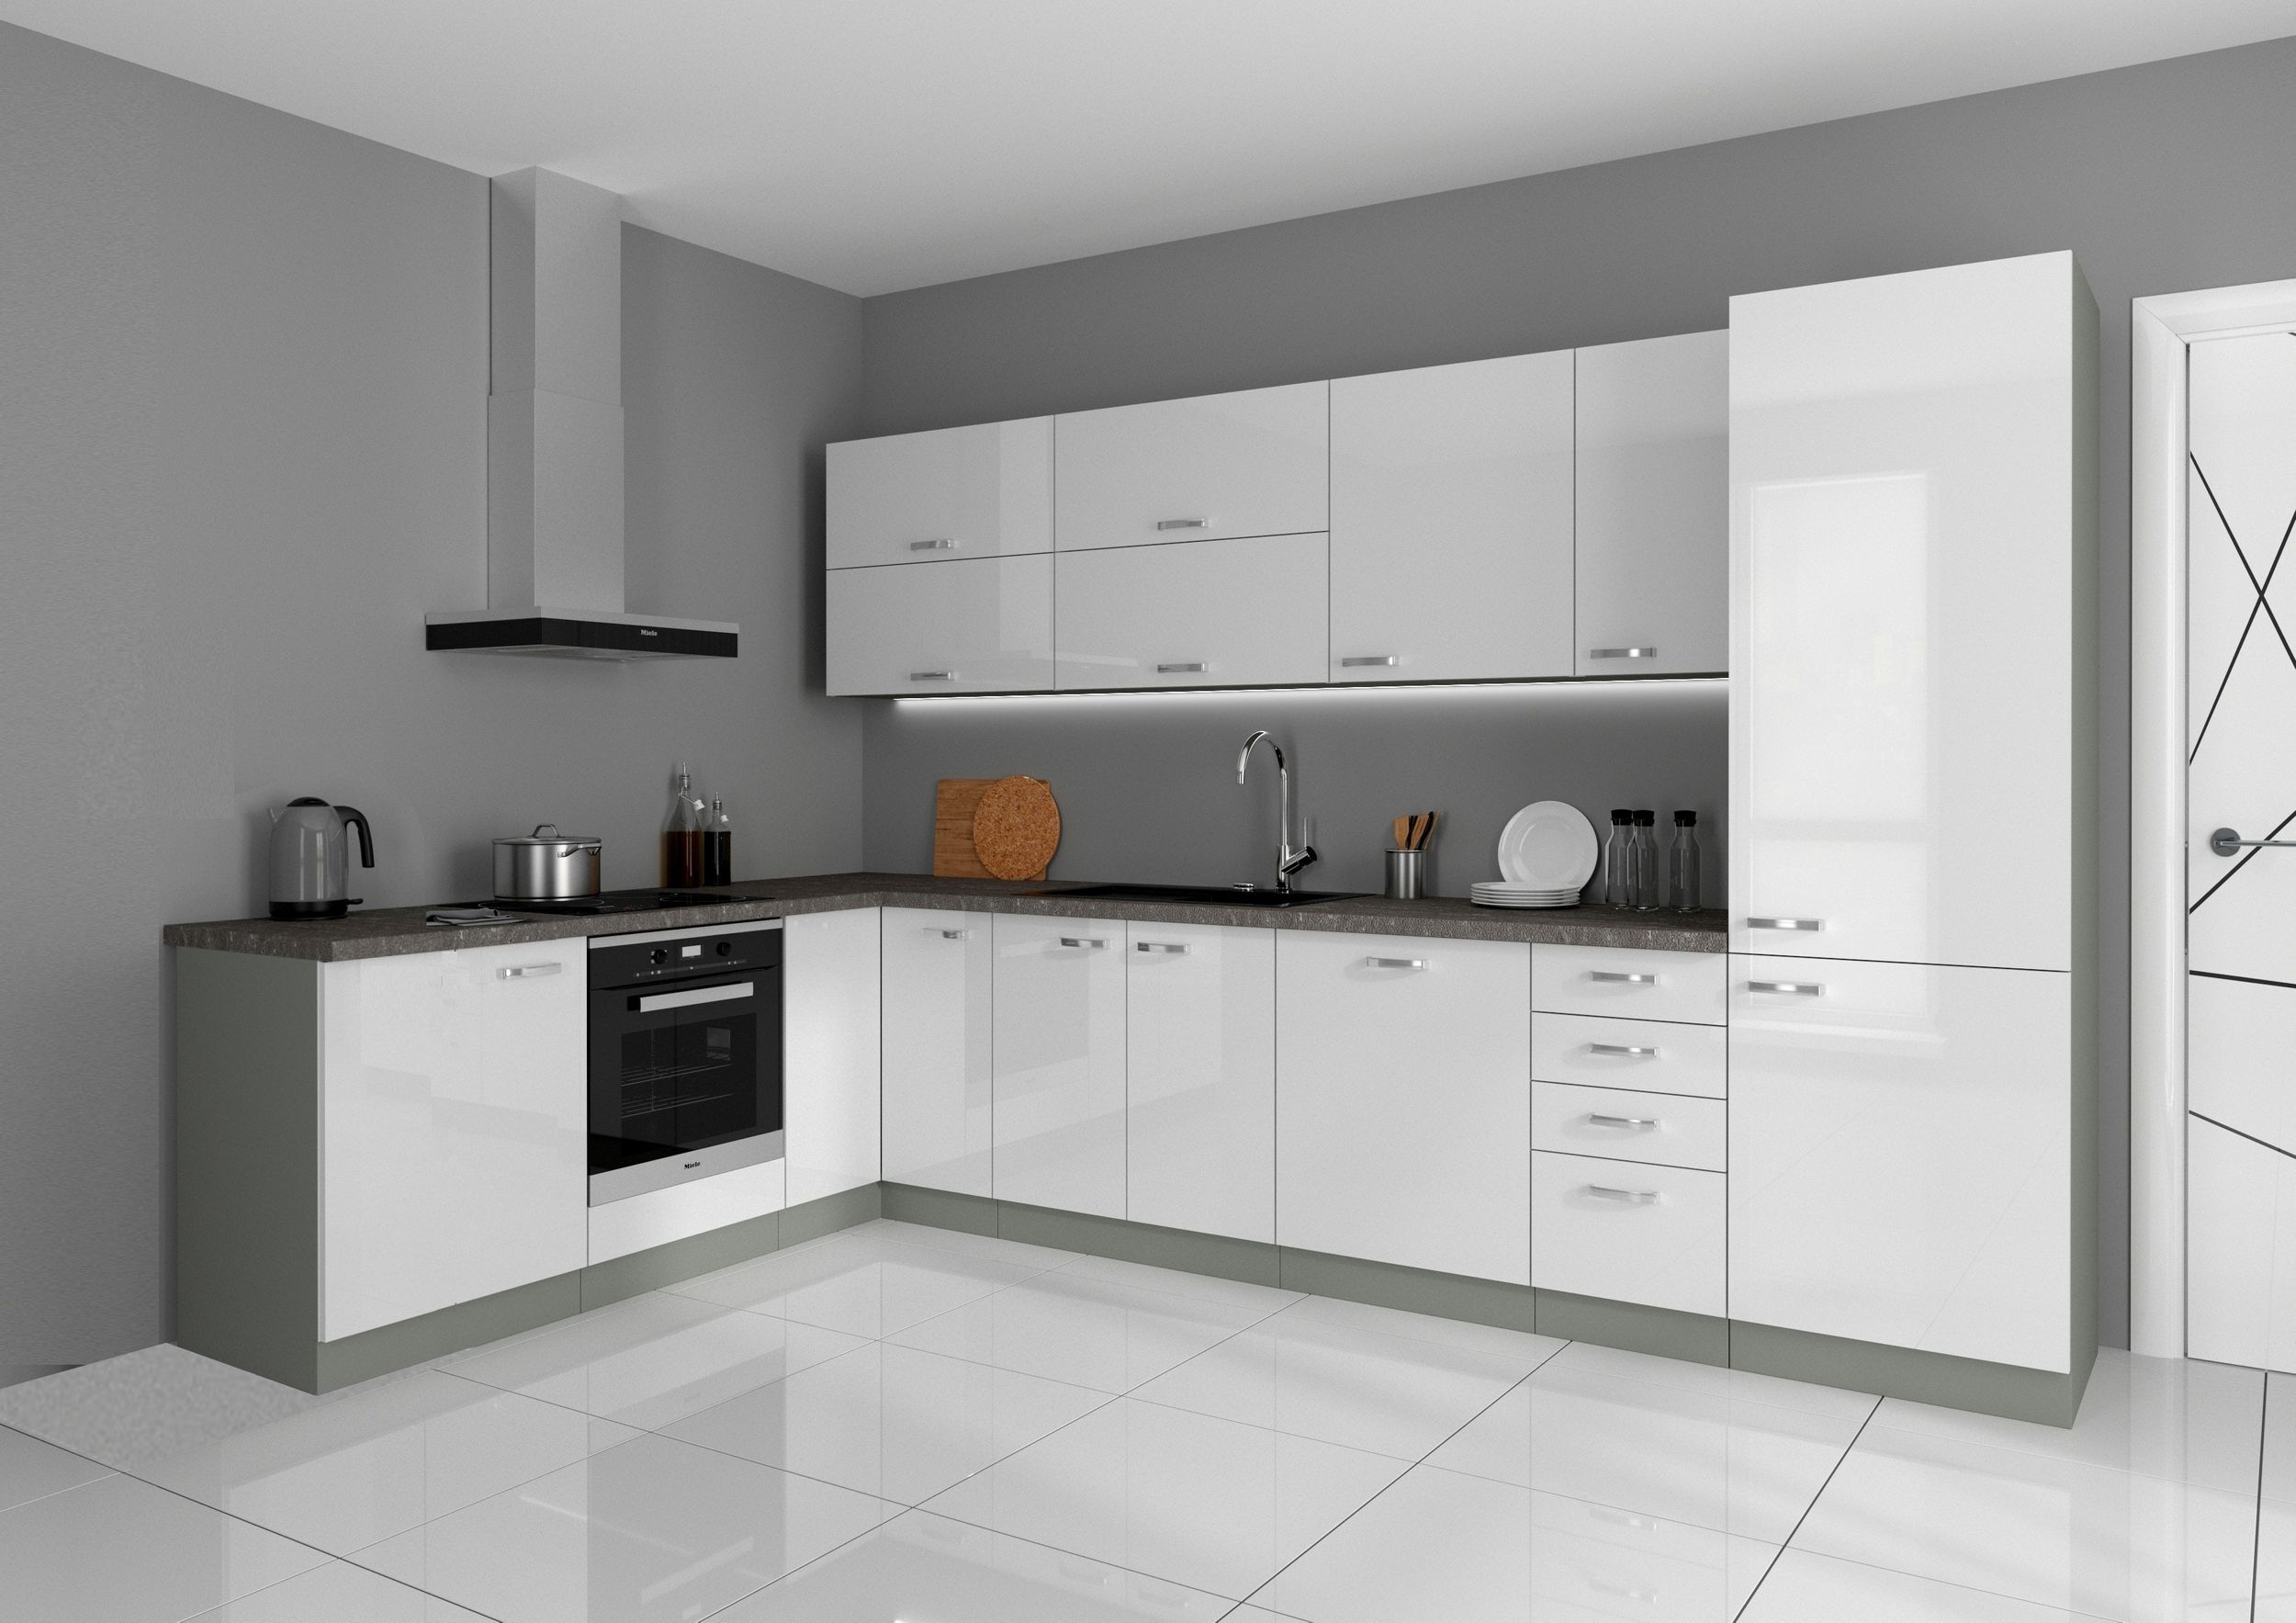 Full Size of Einbauküche Mit Elektrogeräten Roller Einbauküche Mit Elektrogeräten Ikea Einbauküche Mit Elektrogeräten Gebraucht Neuwertige Einbauküche Mit Elektrogeräten Küche Einbauküche Mit Elektrogeräten